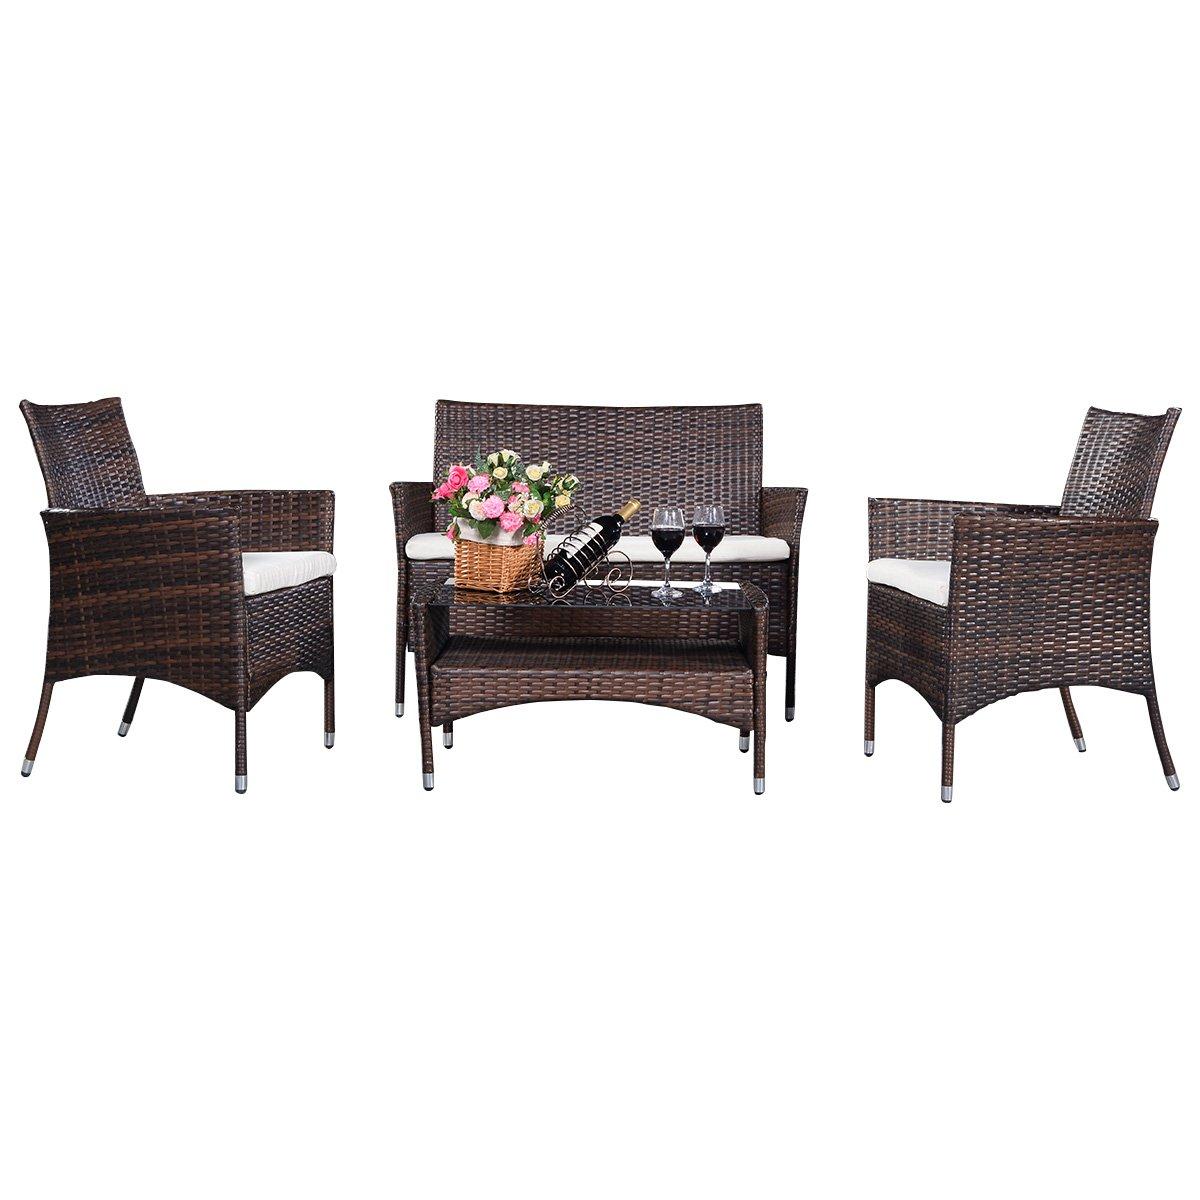 poly ratten lounge set gartengarnitur gartenm bel. Black Bedroom Furniture Sets. Home Design Ideas